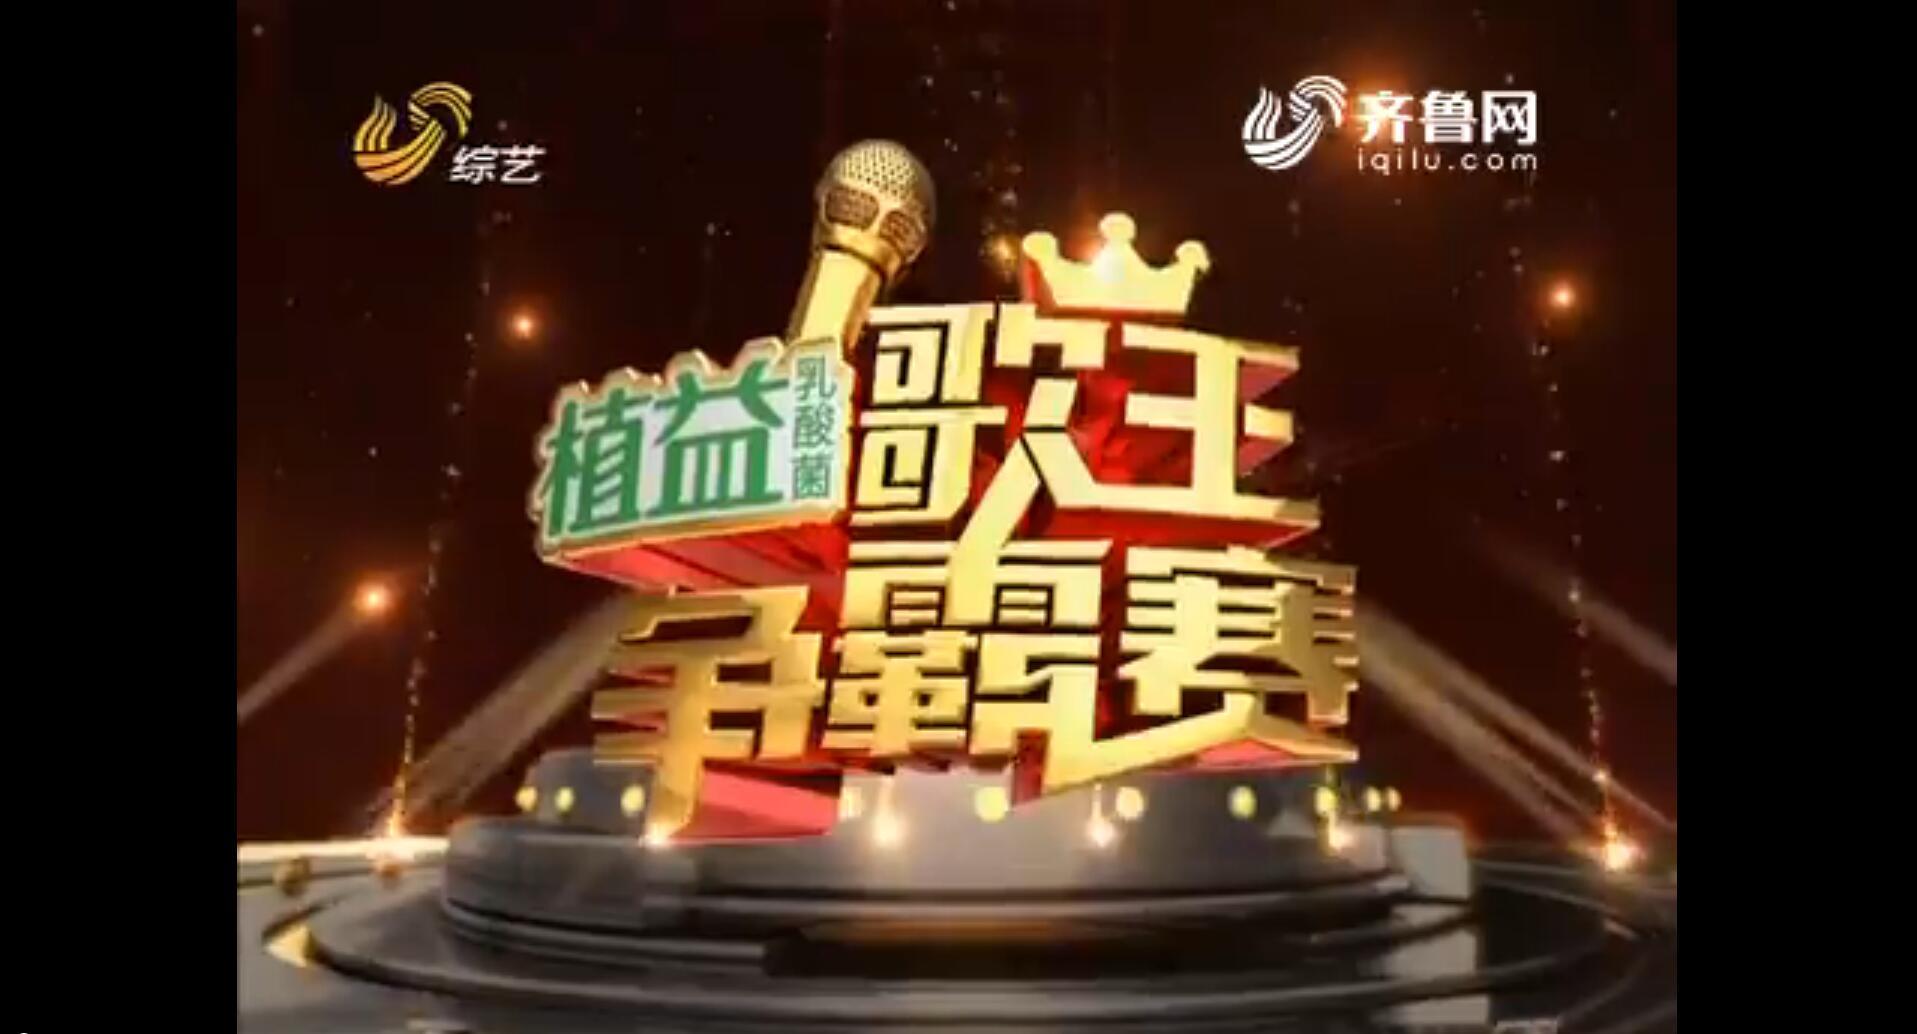 20170228《歌王争霸赛》:竟演嘉宾关乎生死之战,谁能获得观众最高票数支持?